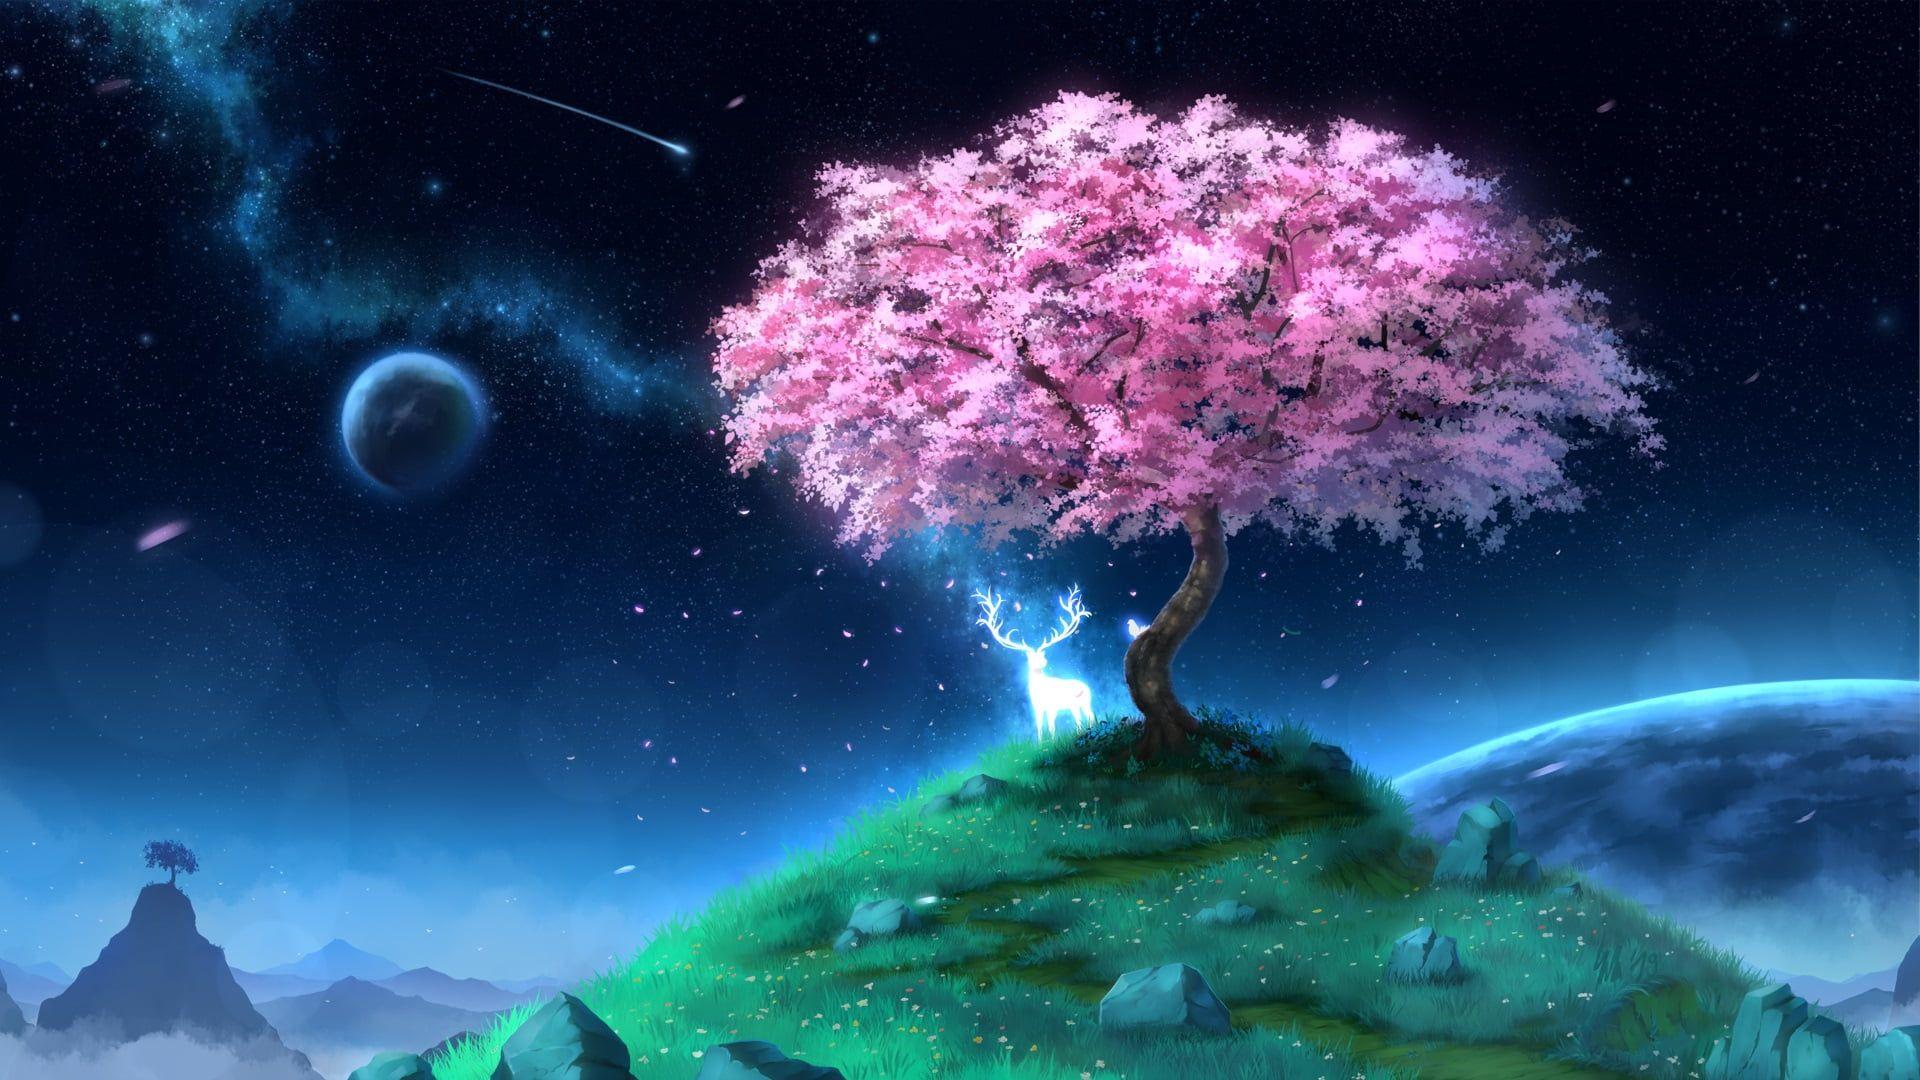 HD wallpaper Anime, Original, Deer, Planet, Shooting Star, Starry Sky, Tree Gallery